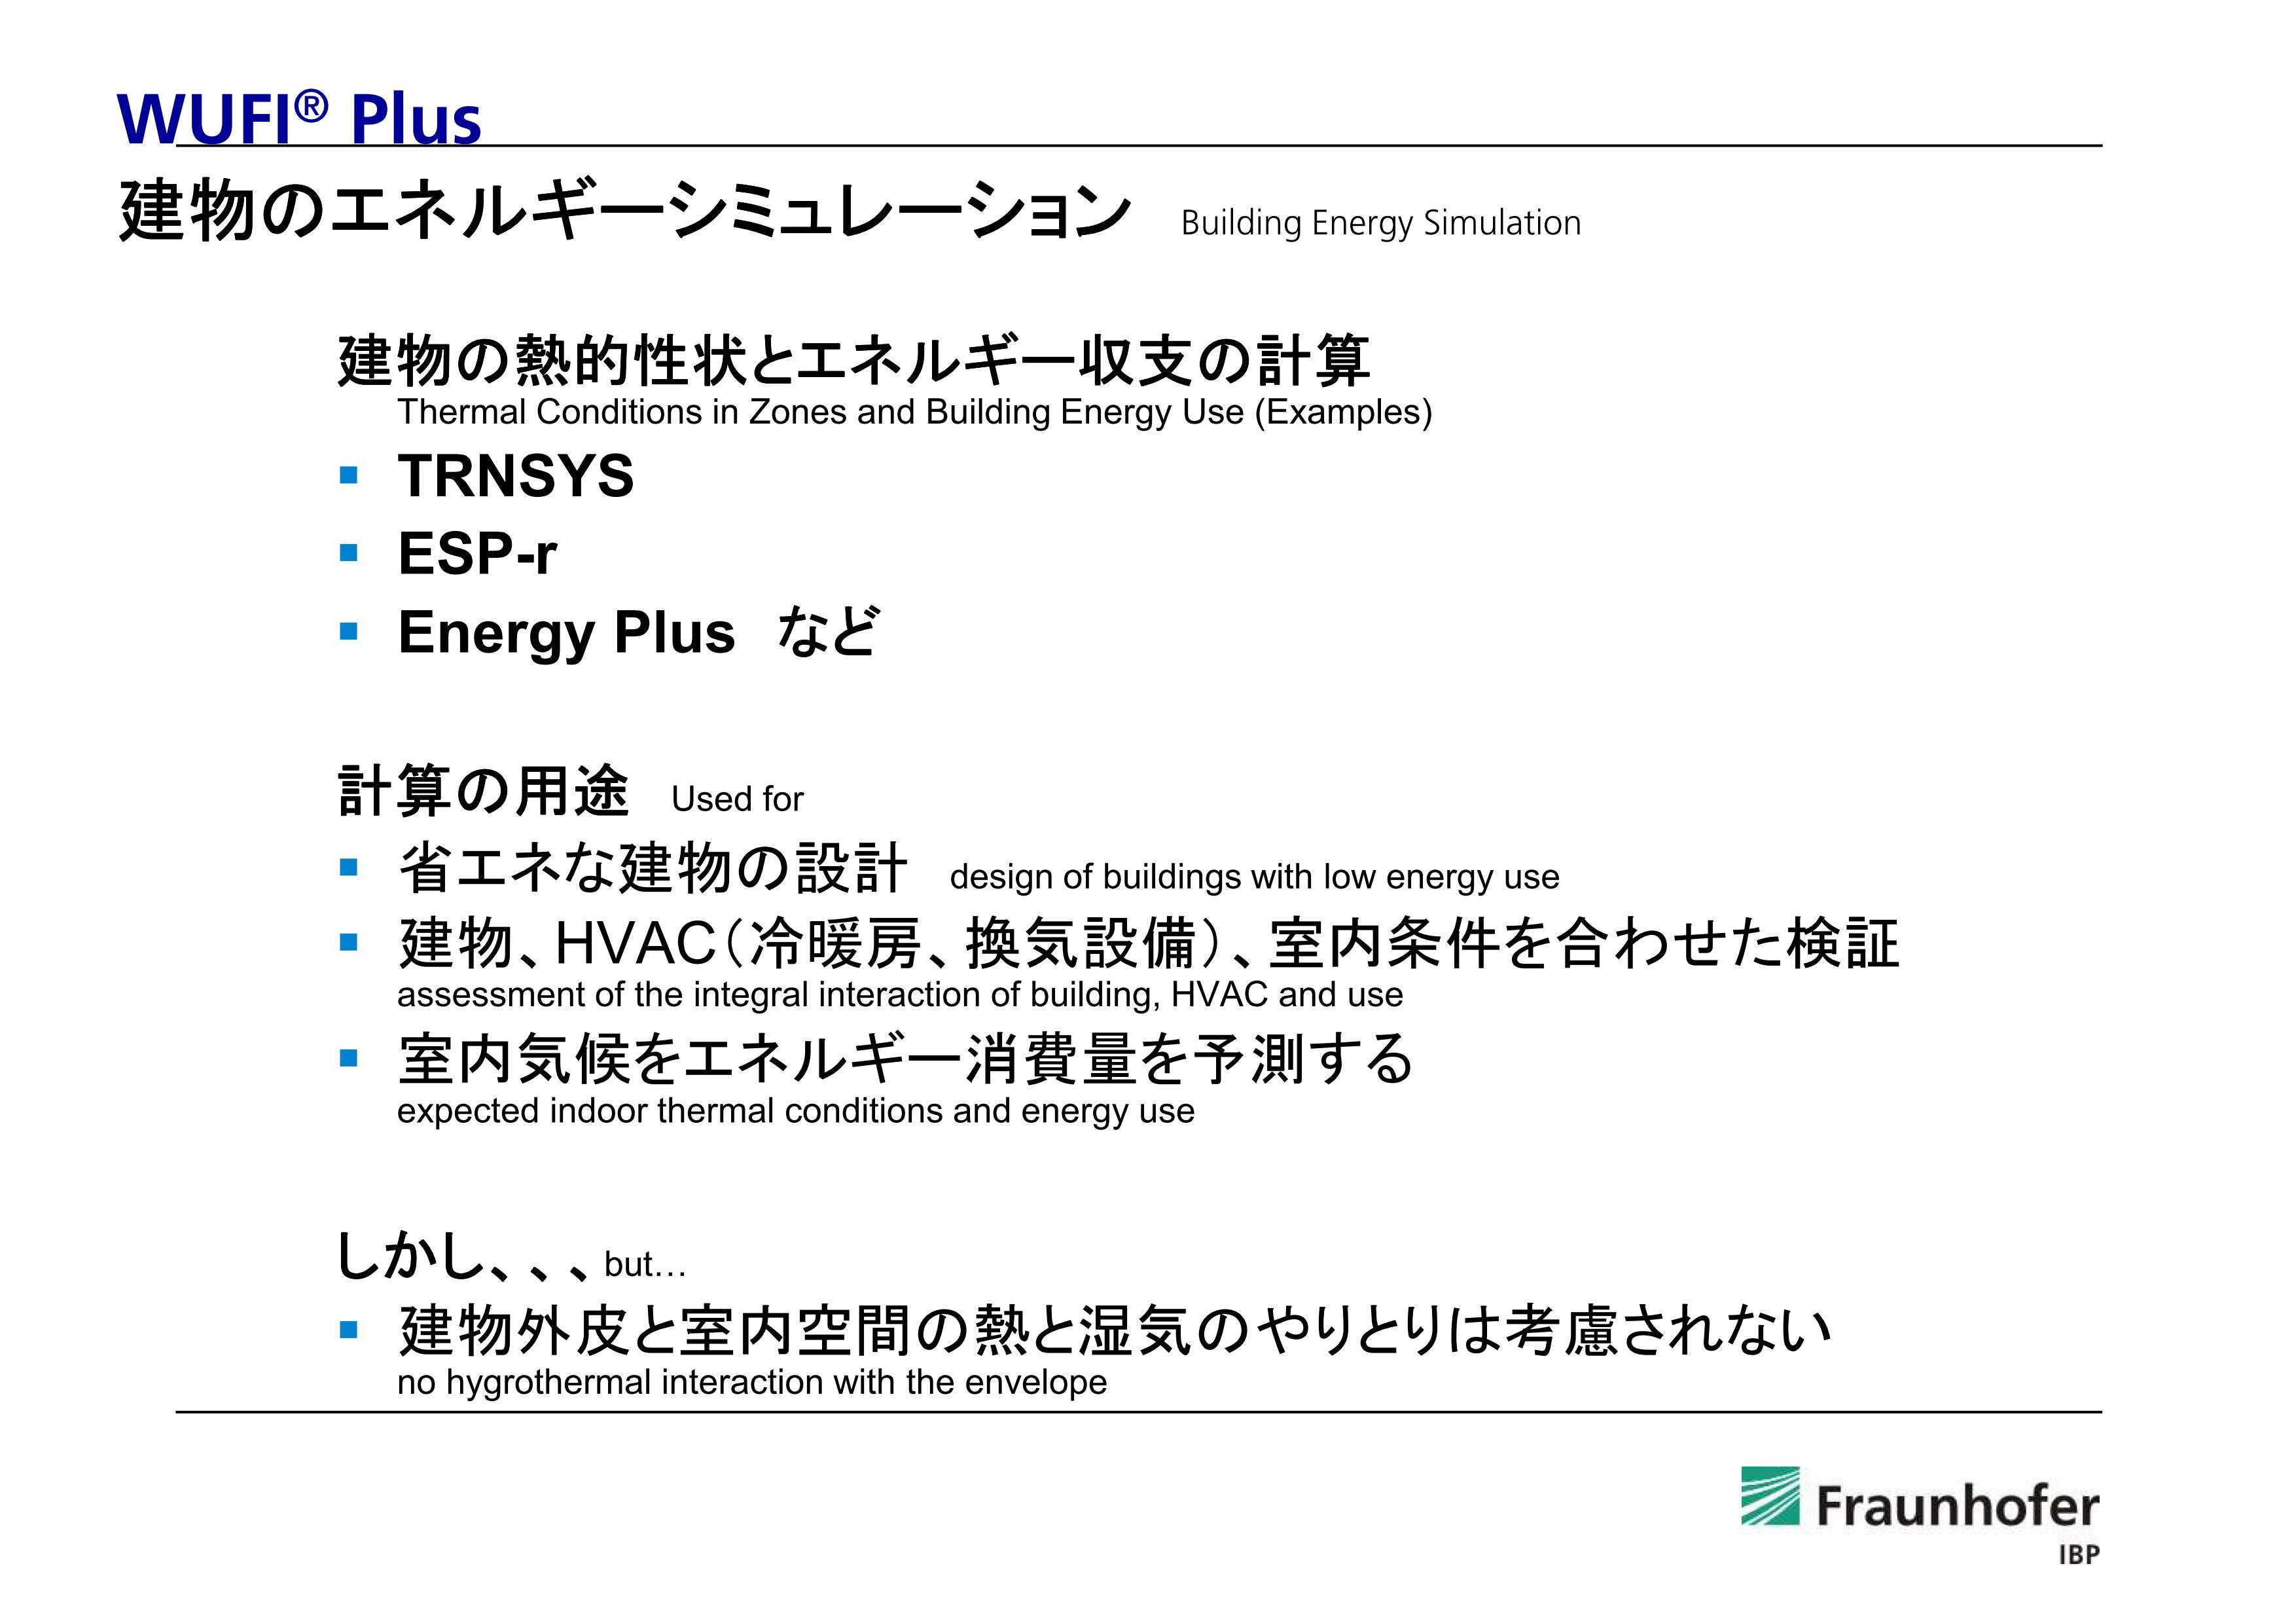 plus_WUFI 21